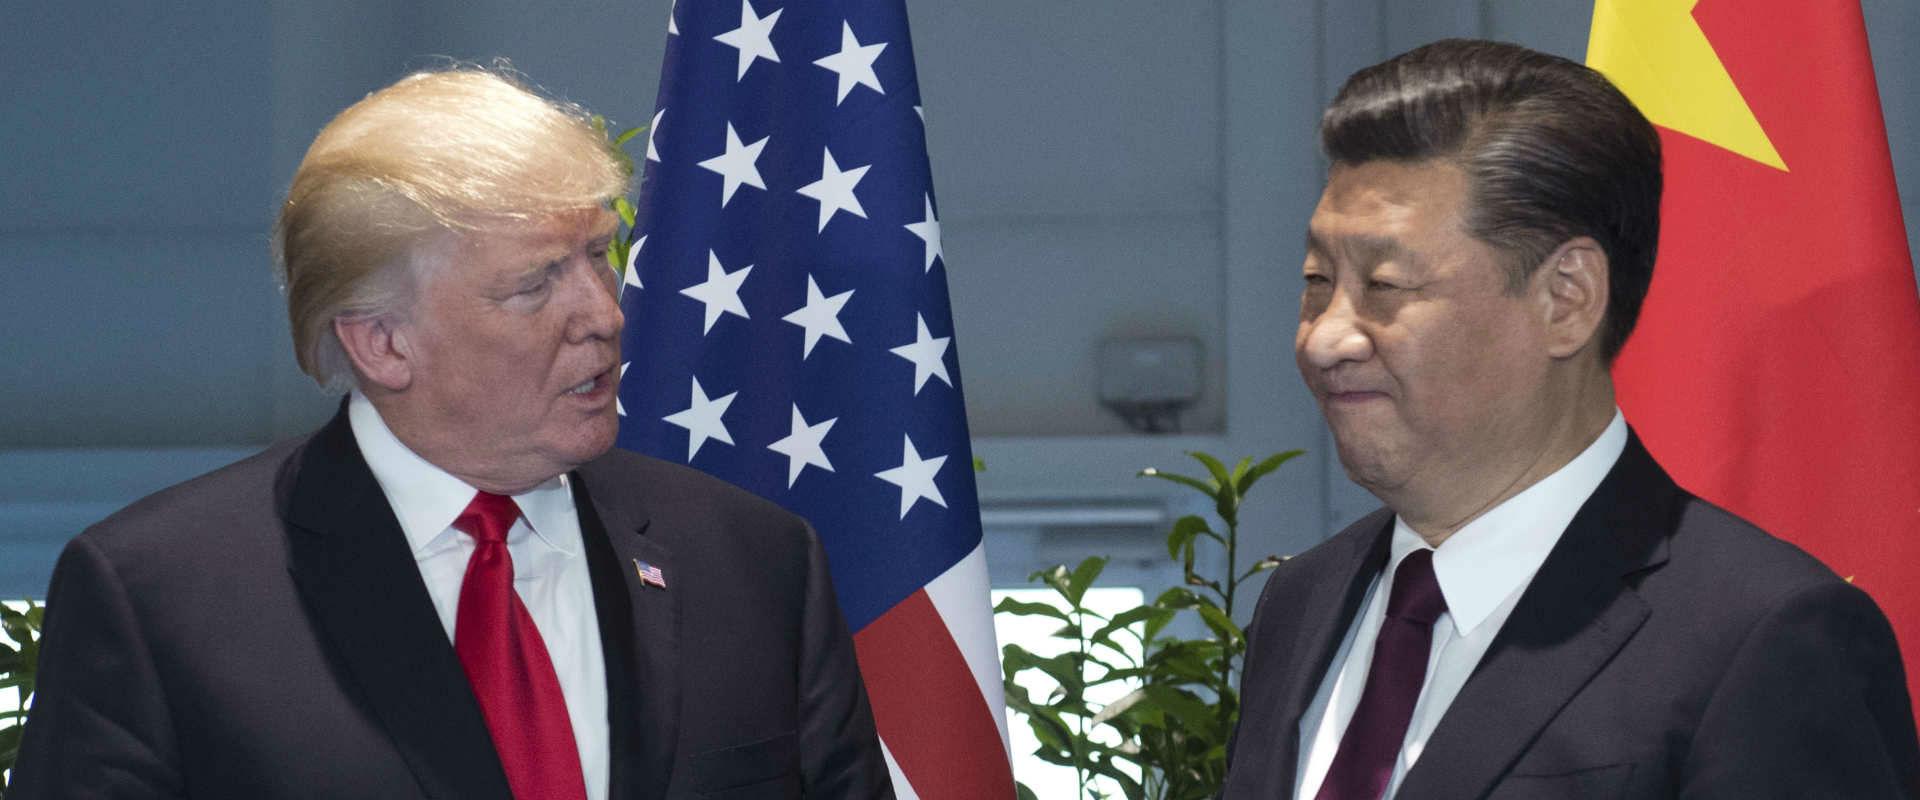 """נשיא ארה""""ב טראמפ עם נשיא סין שי"""